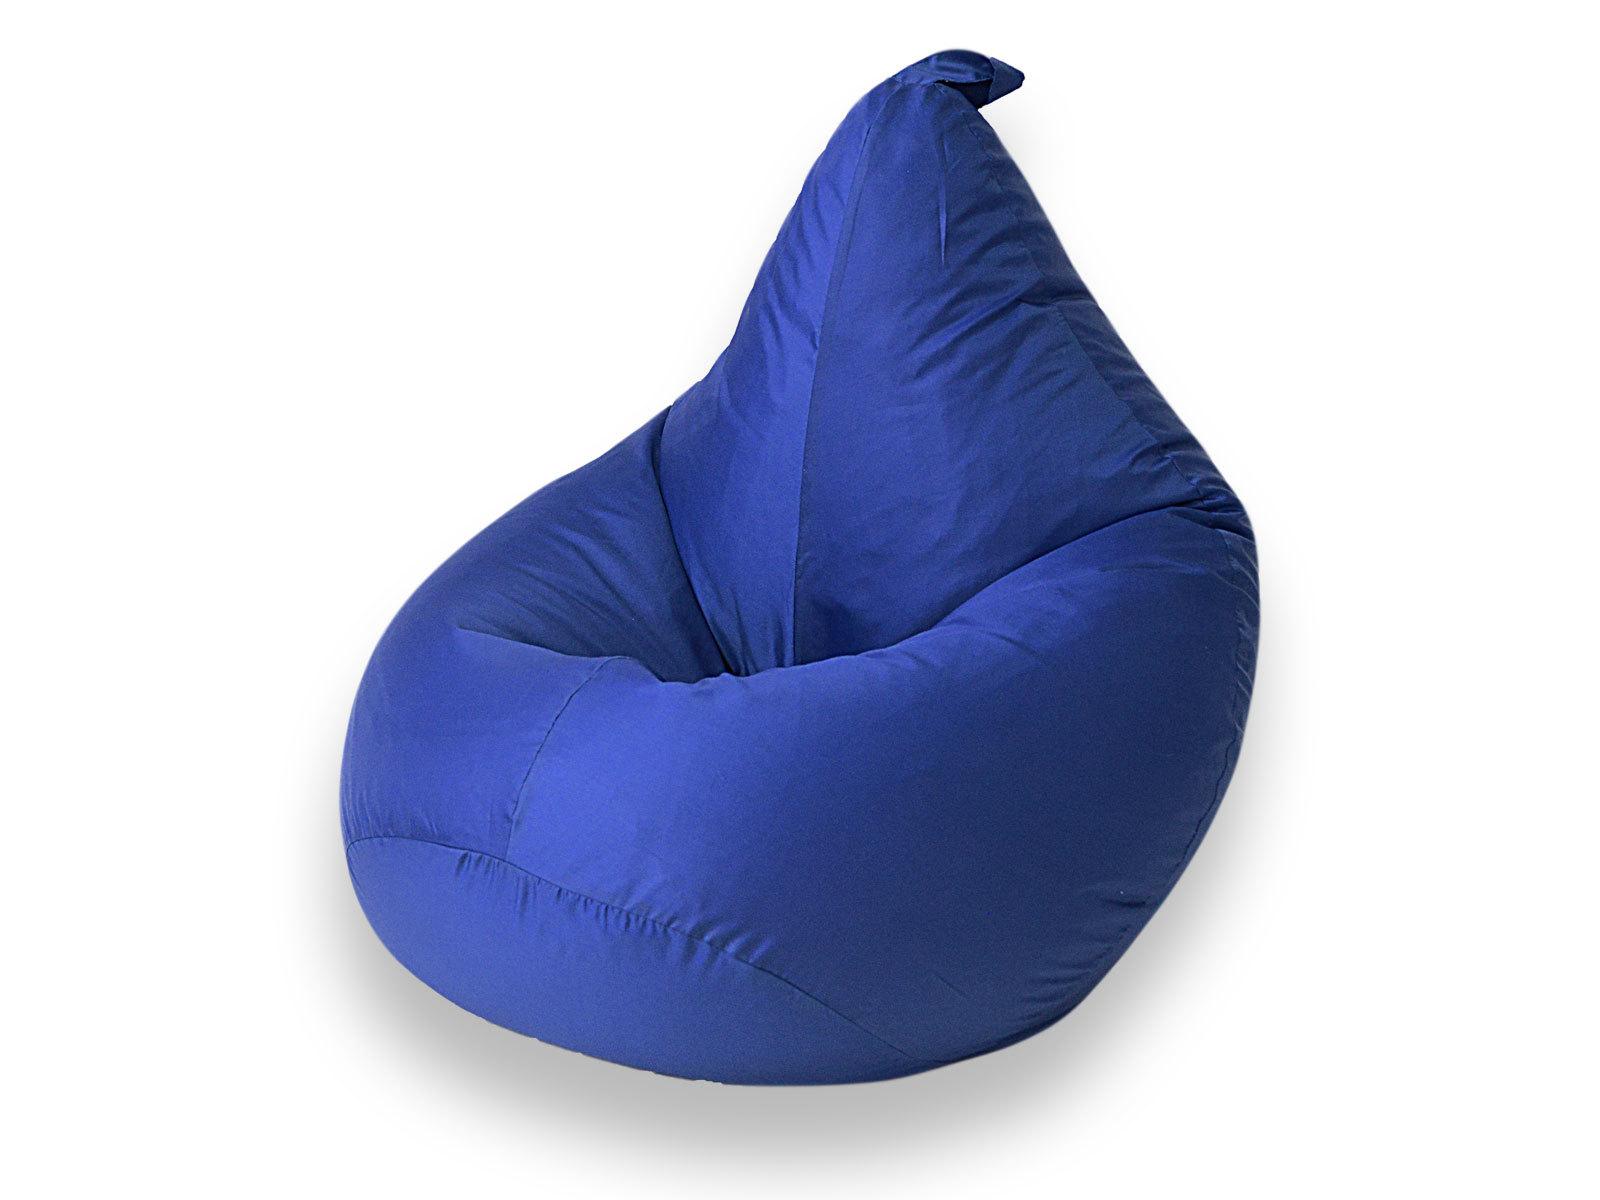 Кресло-мешок БингбэгКресла-мешки<br>Эти замечательные  кресла-мешки занимают совсем немного места, а подойдут и взрослым, и детям!                                                                          Внешний чехол: съемный, на молнии из водоотталкивающей ткани по тактильным ощущениям напоминает курточную ветровочную ткань.<br>Внутренний мешок: имеет молнию для самостоятельного пополнения мешка гранулами, cистема db-lock - защита от открытия детьми.                            Наполнитель: гранулы пенополистирола (пенопласта)1-2 мм, очень мягкий и легкий.                                         <br>Использование: внутри и вне помещений, так как ткань водоотталкивающая можно использовать  на природе, на даче.  <br>Максимальная нагрузка на кресло 80 кг.                                                                                                                       <br>Уход: Внешний чехол может быть постиран в стиральной машине при температуре не выше 30*. <br>Не отжимать, не гладить.<br>Внимание! Вы получаете готовое, наполненное изделие.<br><br>Material: Текстиль<br>Ширина см: 75<br>Высота см: 110<br>Глубина см: 75